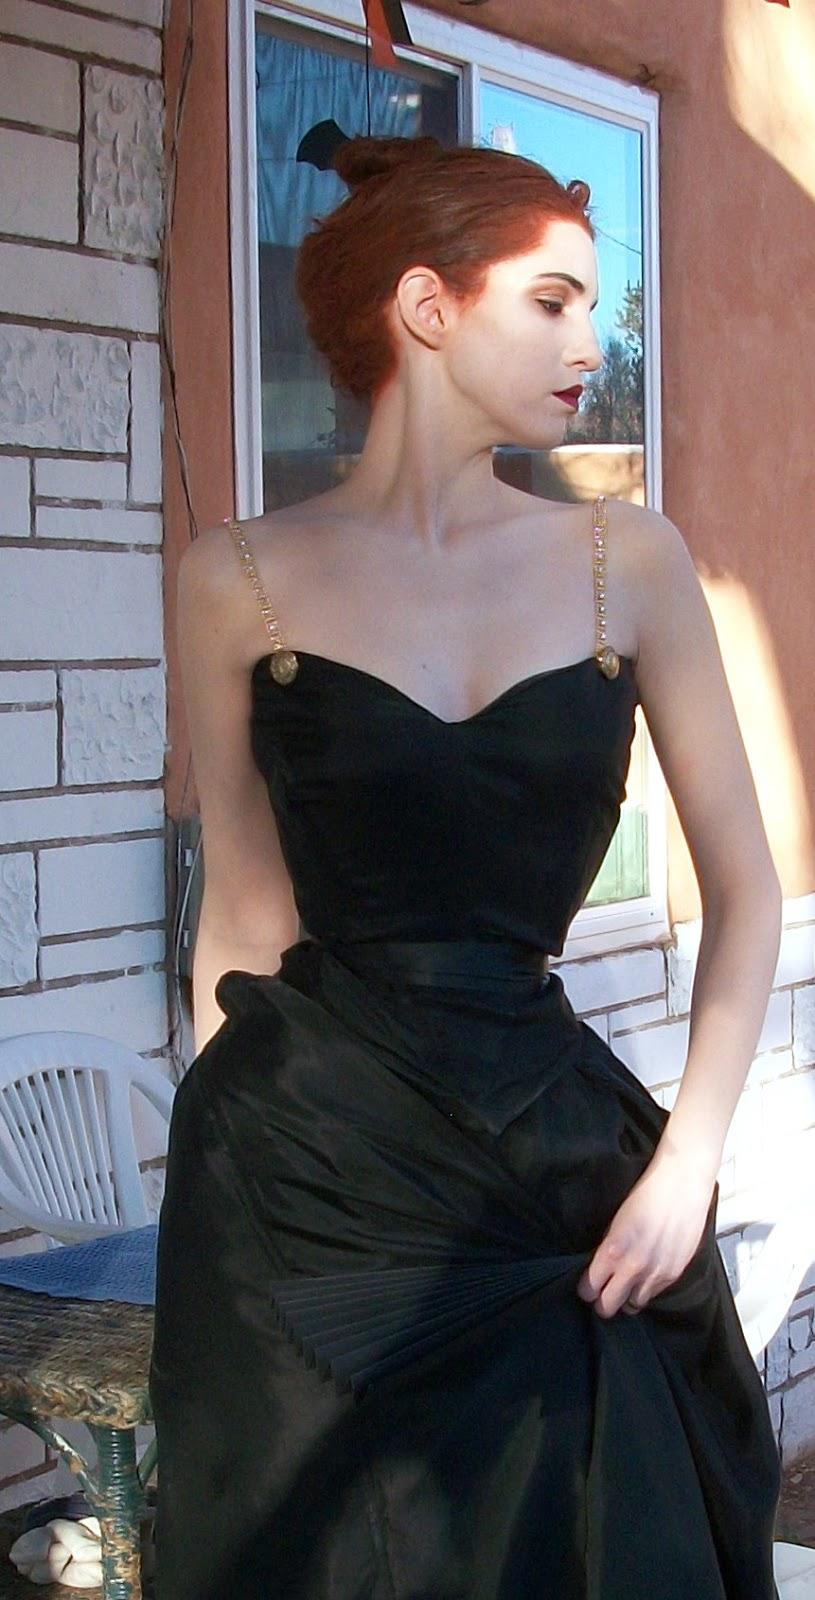 А вы друзья, как не садитесь... (модельки и актрисульки подражают Мадам Икс) 100_8994.JPG